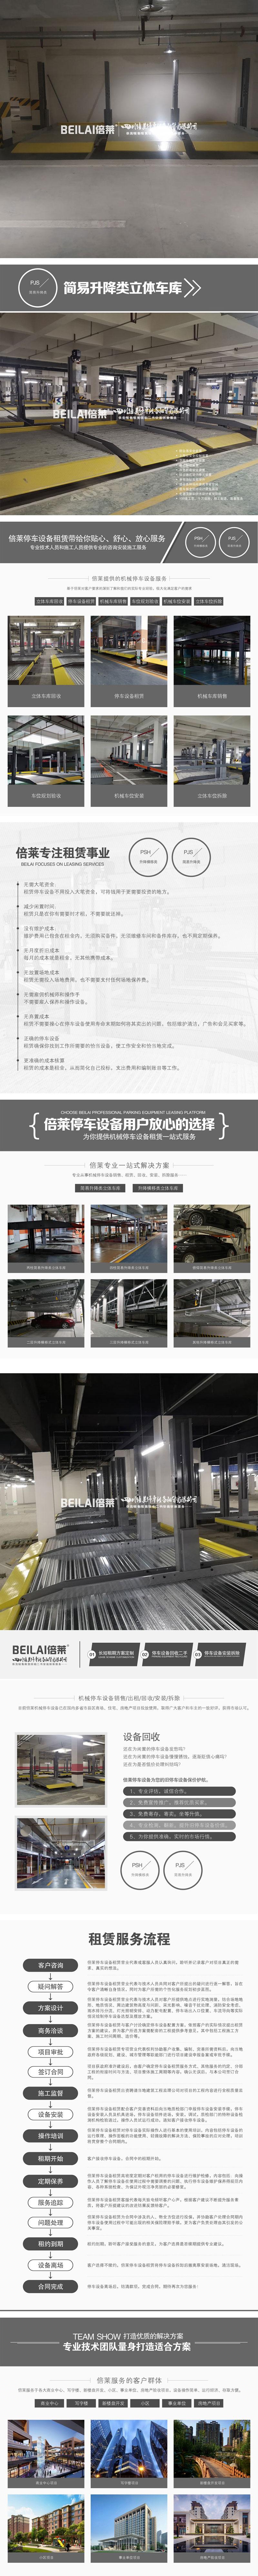 貴州機械停車場二手內江機械停車設備倍萊車庫